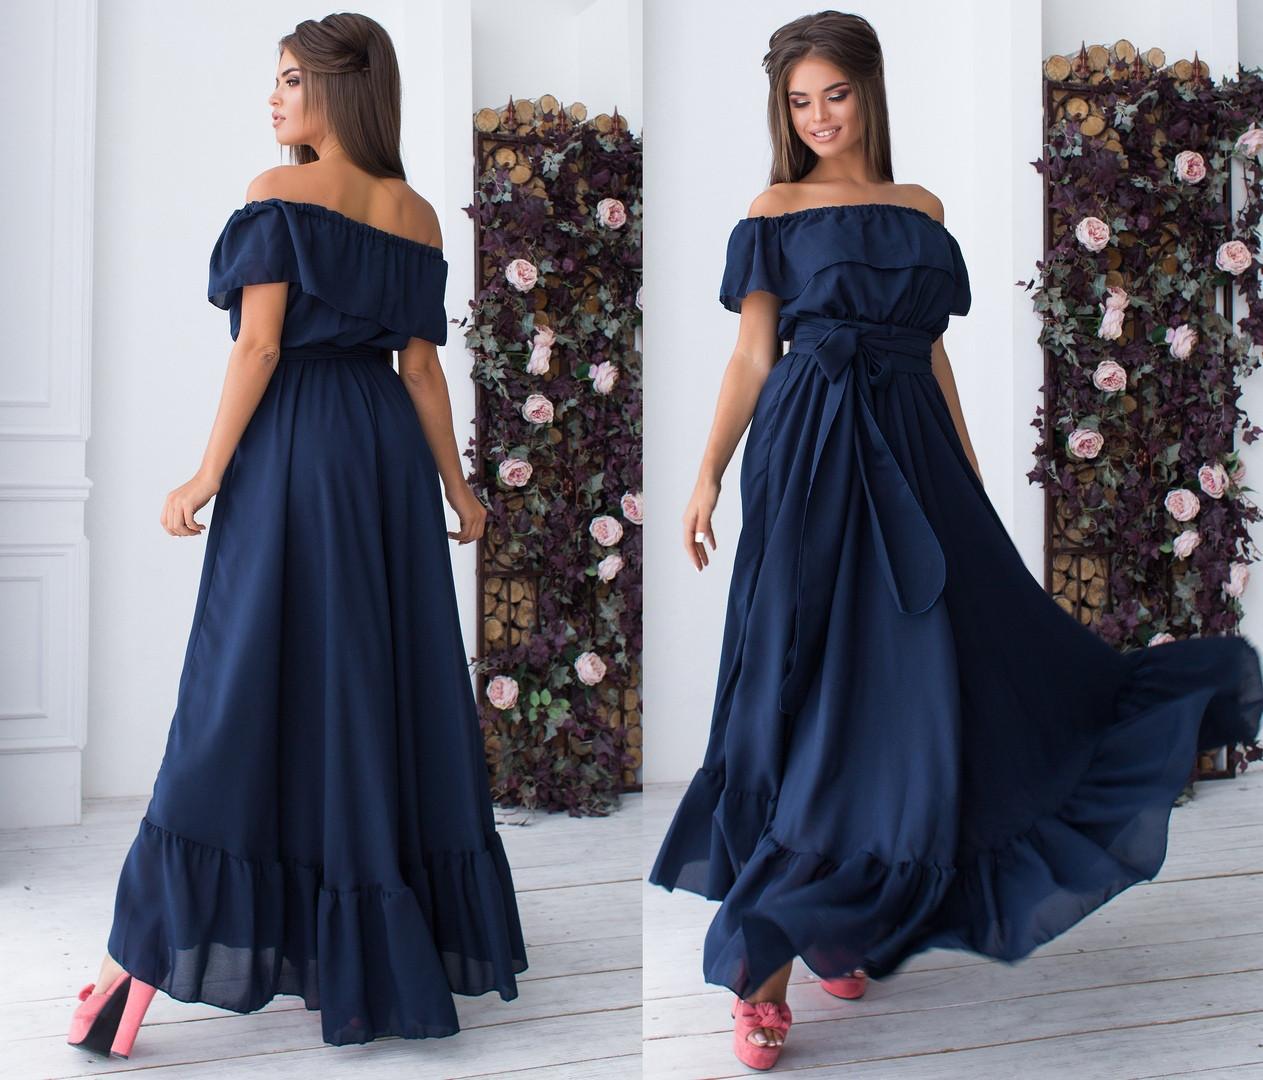 8c15aa872b10ca2 Длинное шифоновое платье с поясом. Т.синее, 5 цветов. Р-р: 42-44-46 ...